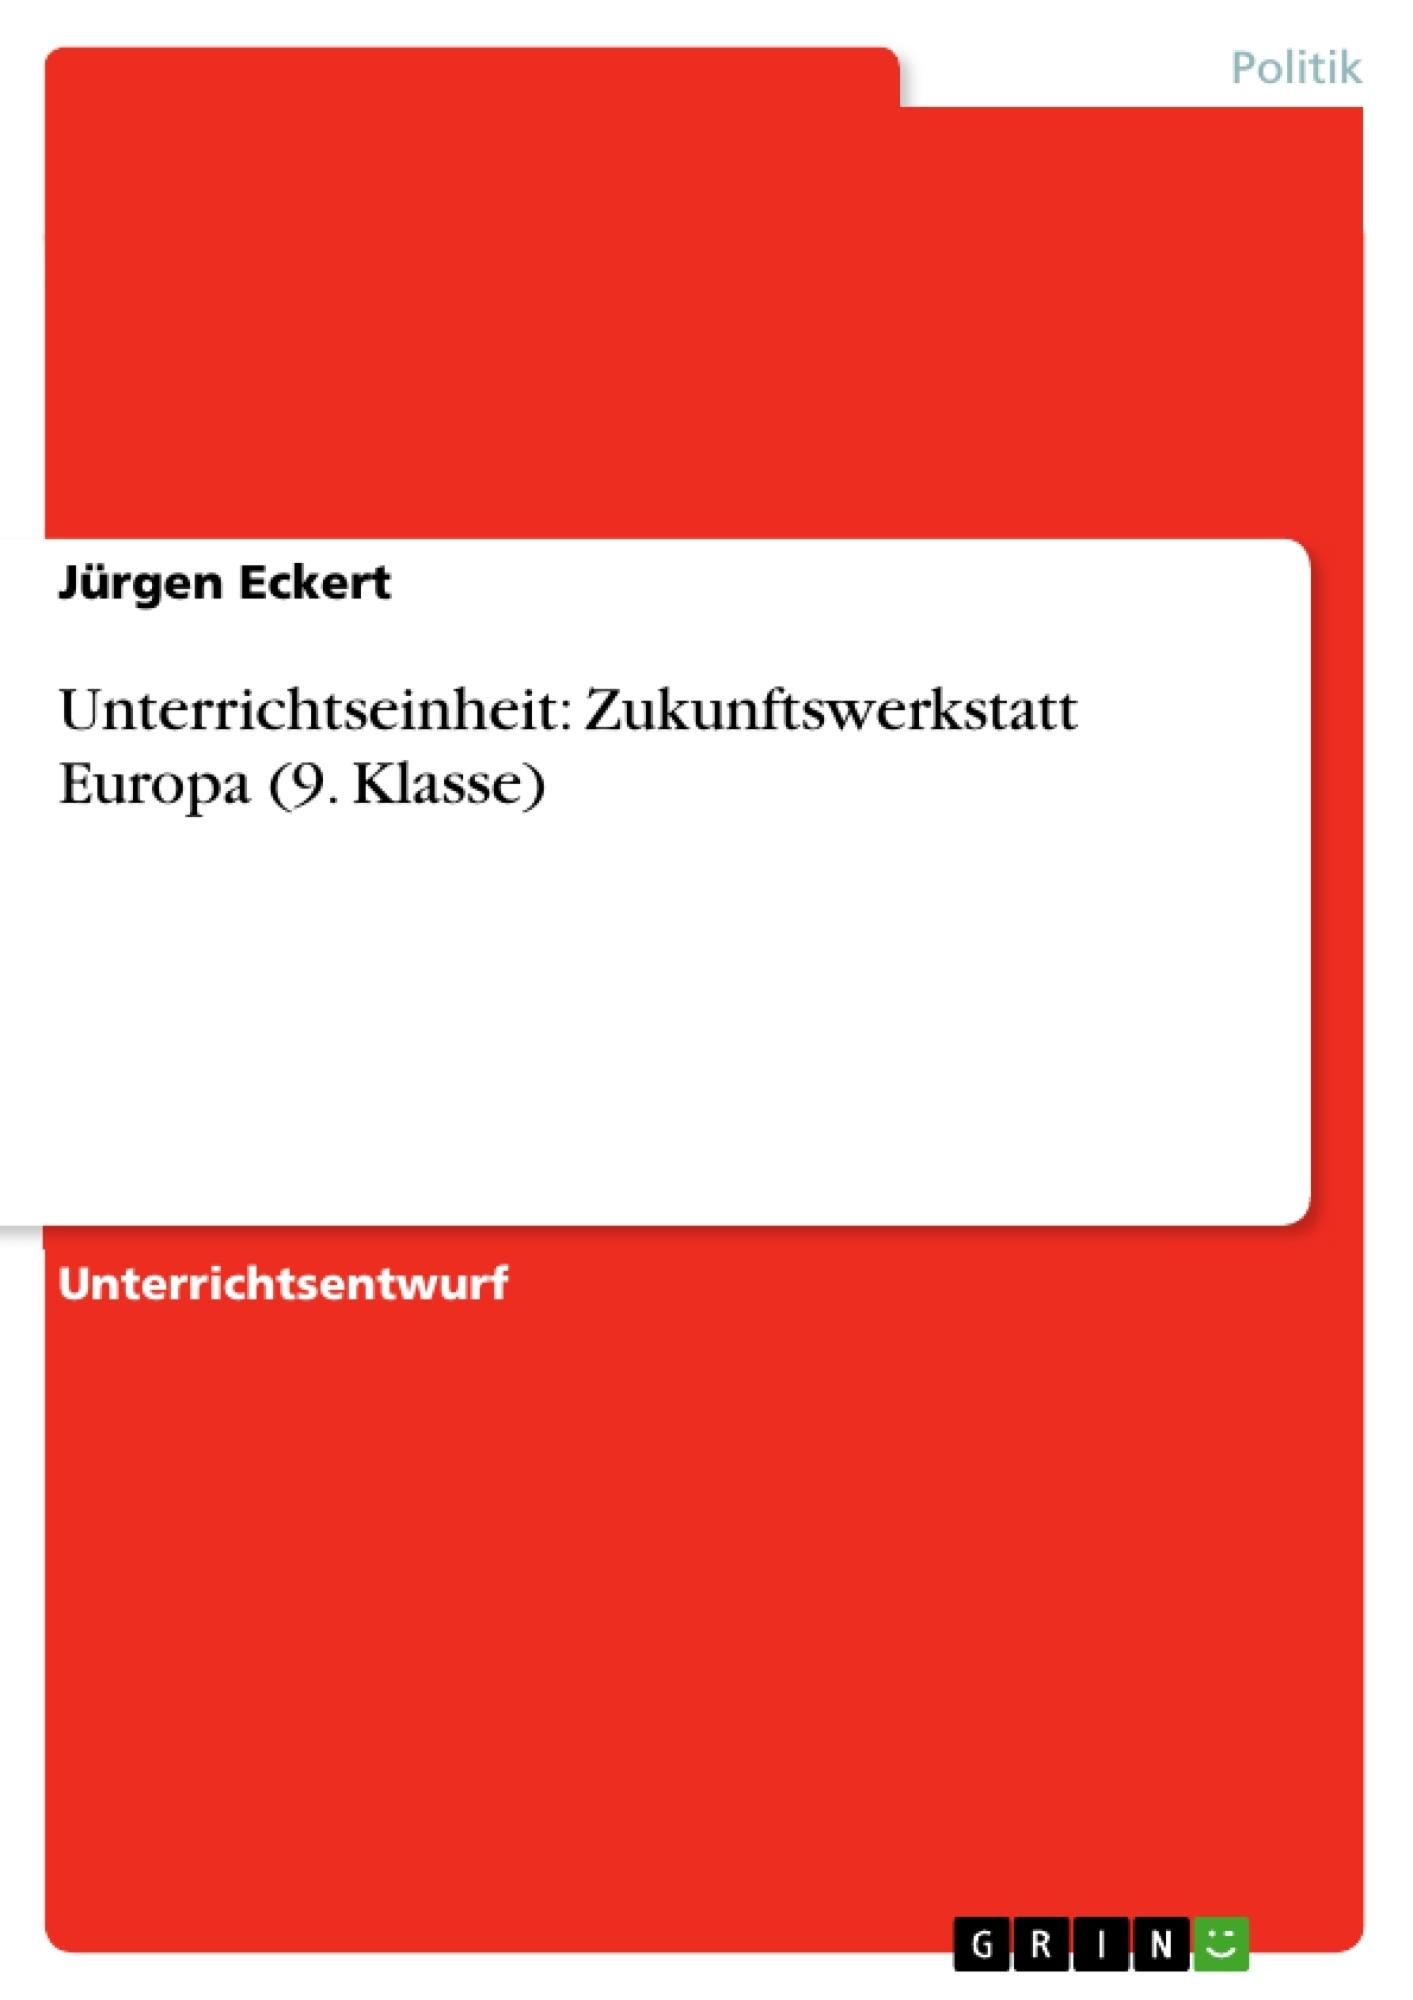 Titel: Unterrichtseinheit: Zukunftswerkstatt  Europa (9. Klasse)